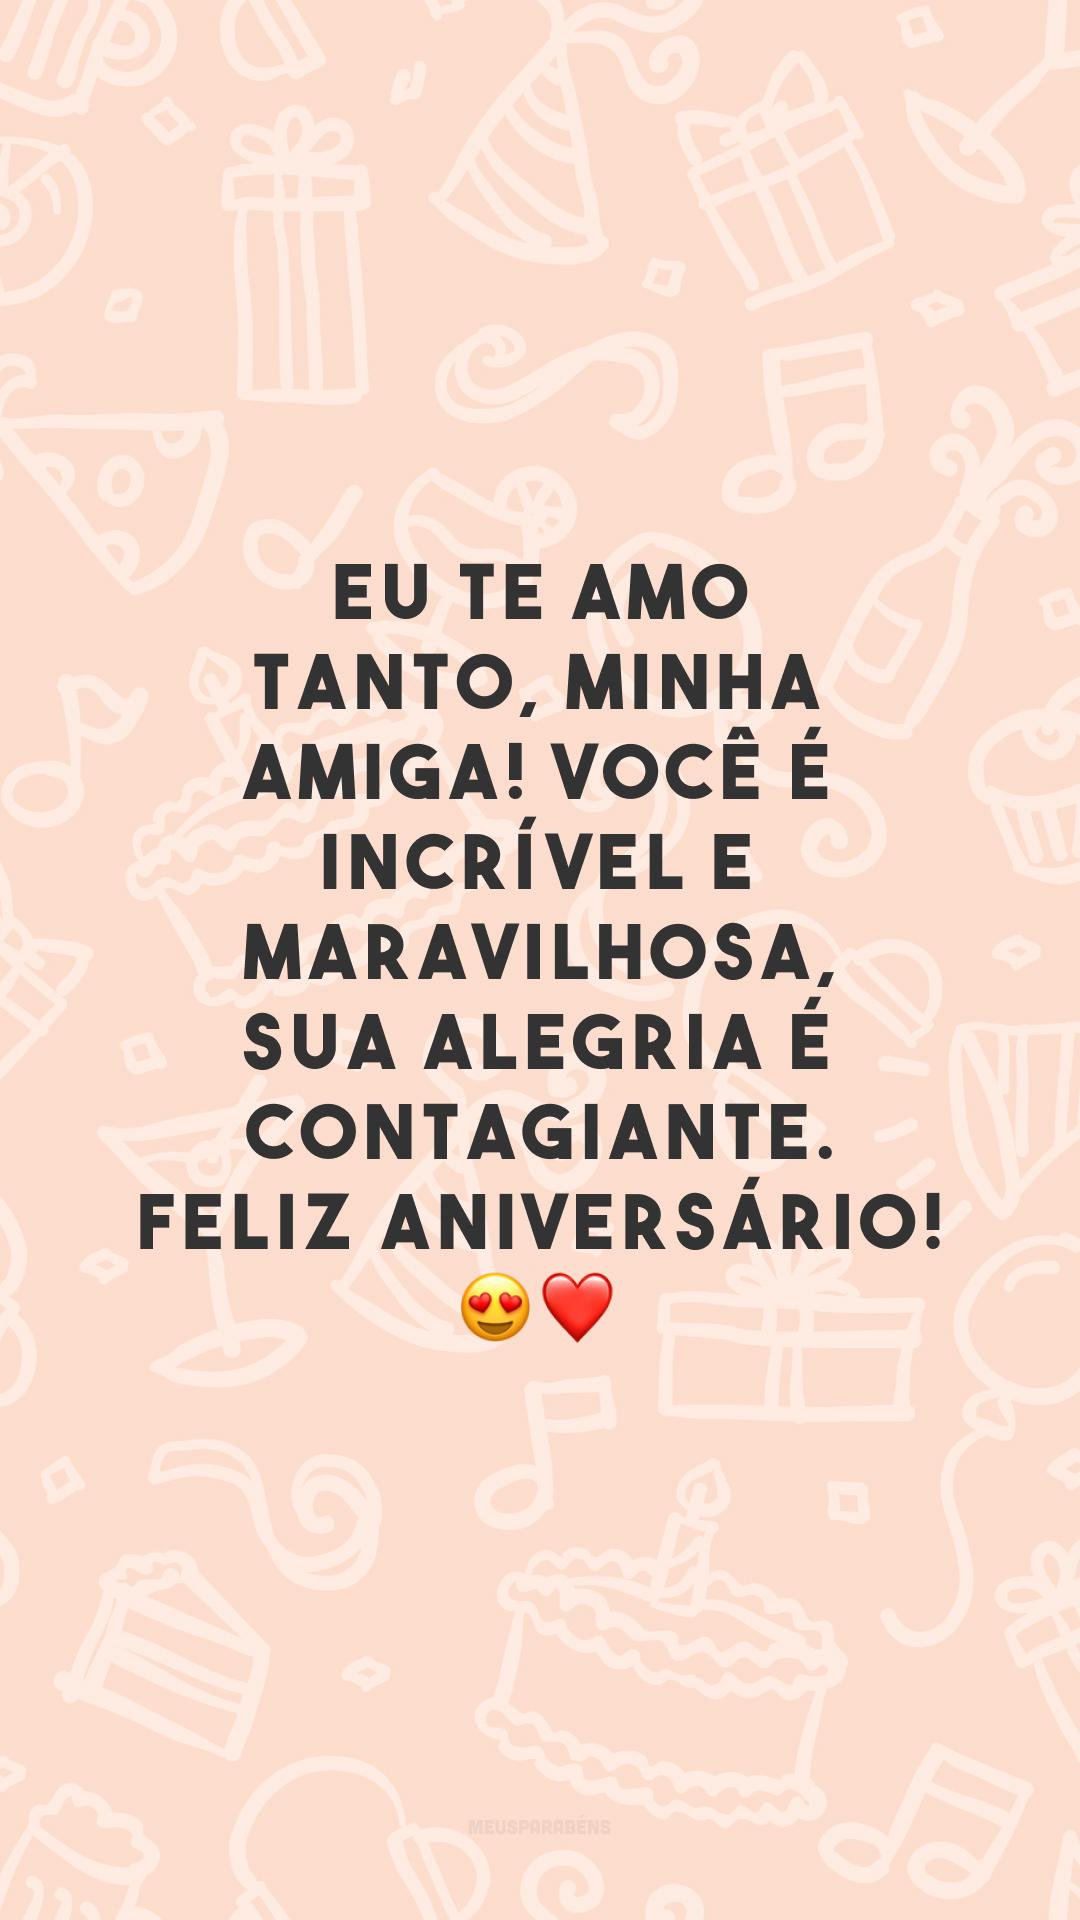 Eu te amo tanto, minha amiga! Você é incrível e maravilhosa, sua alegria é contagiante. Feliz aniversário! 😍❤️